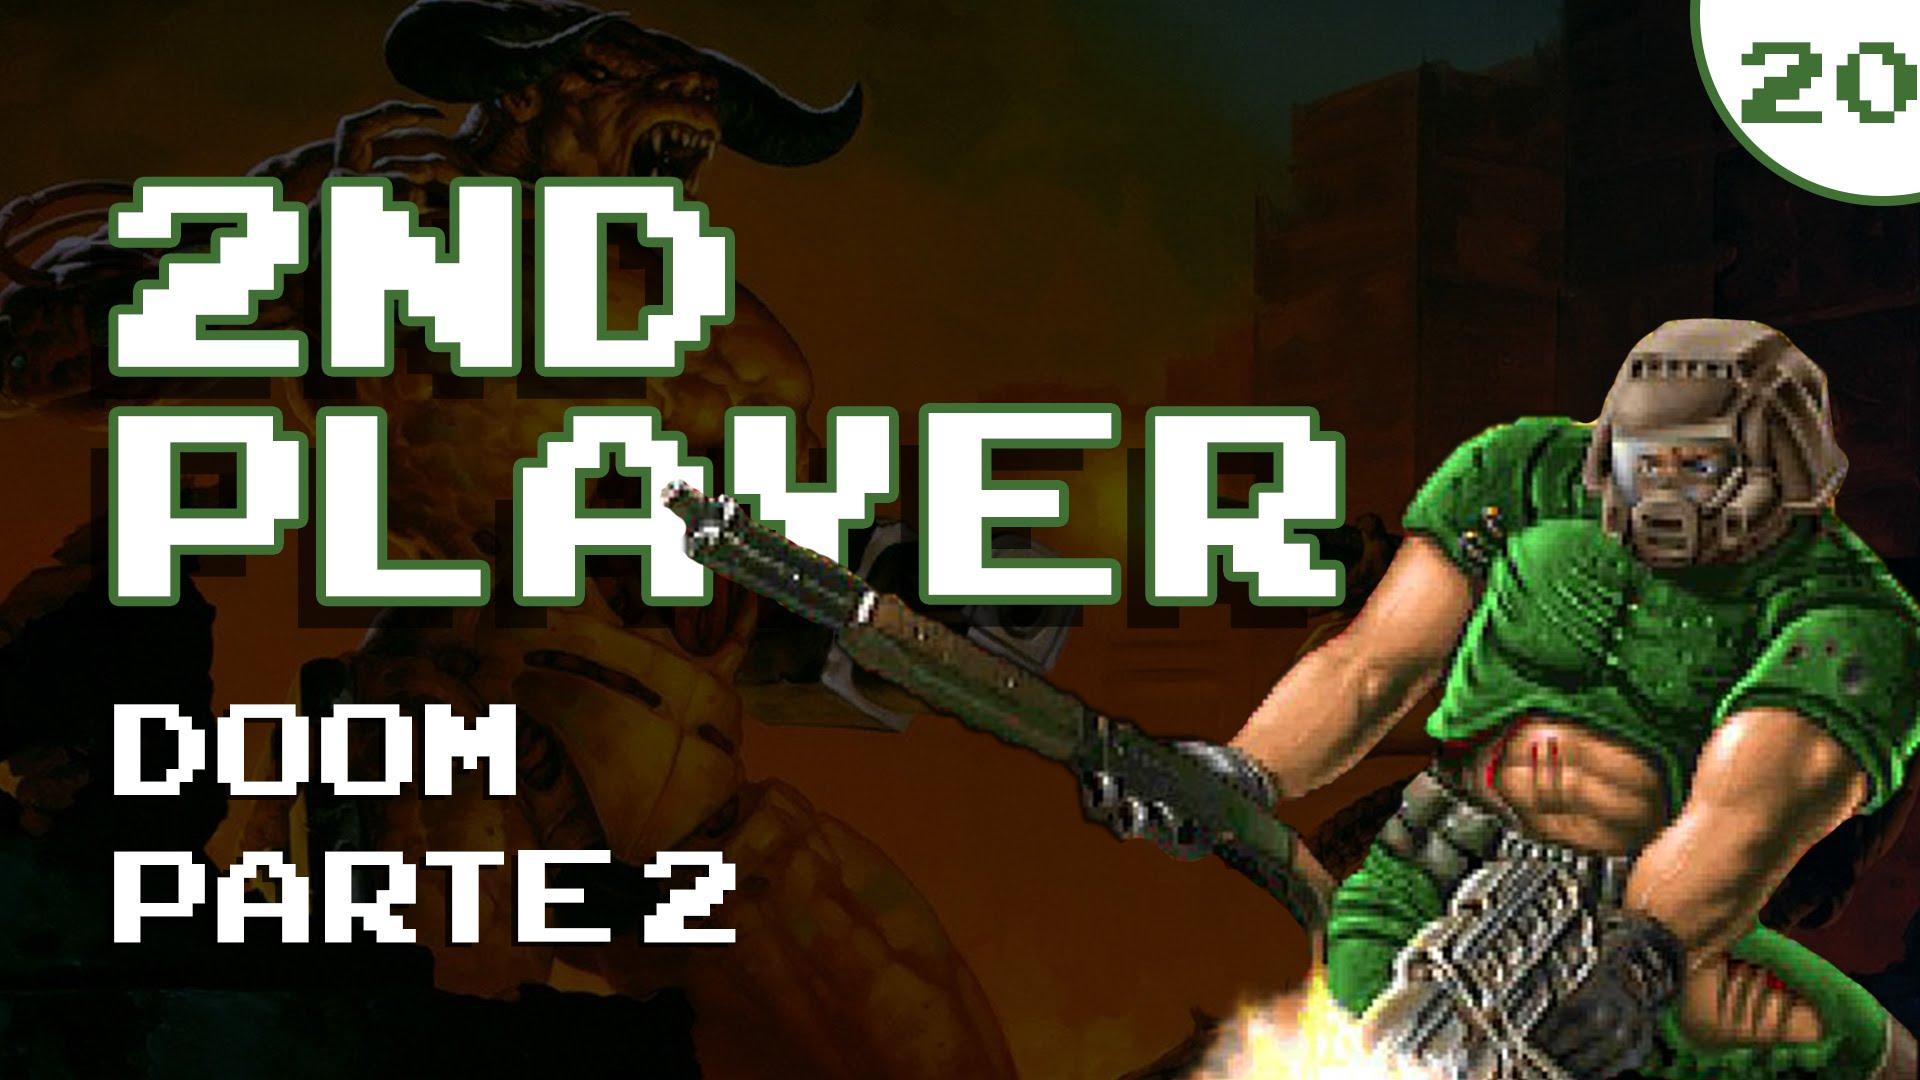 Jogámos o novo nível do John Romero para o primeiro Doom – Parte 2